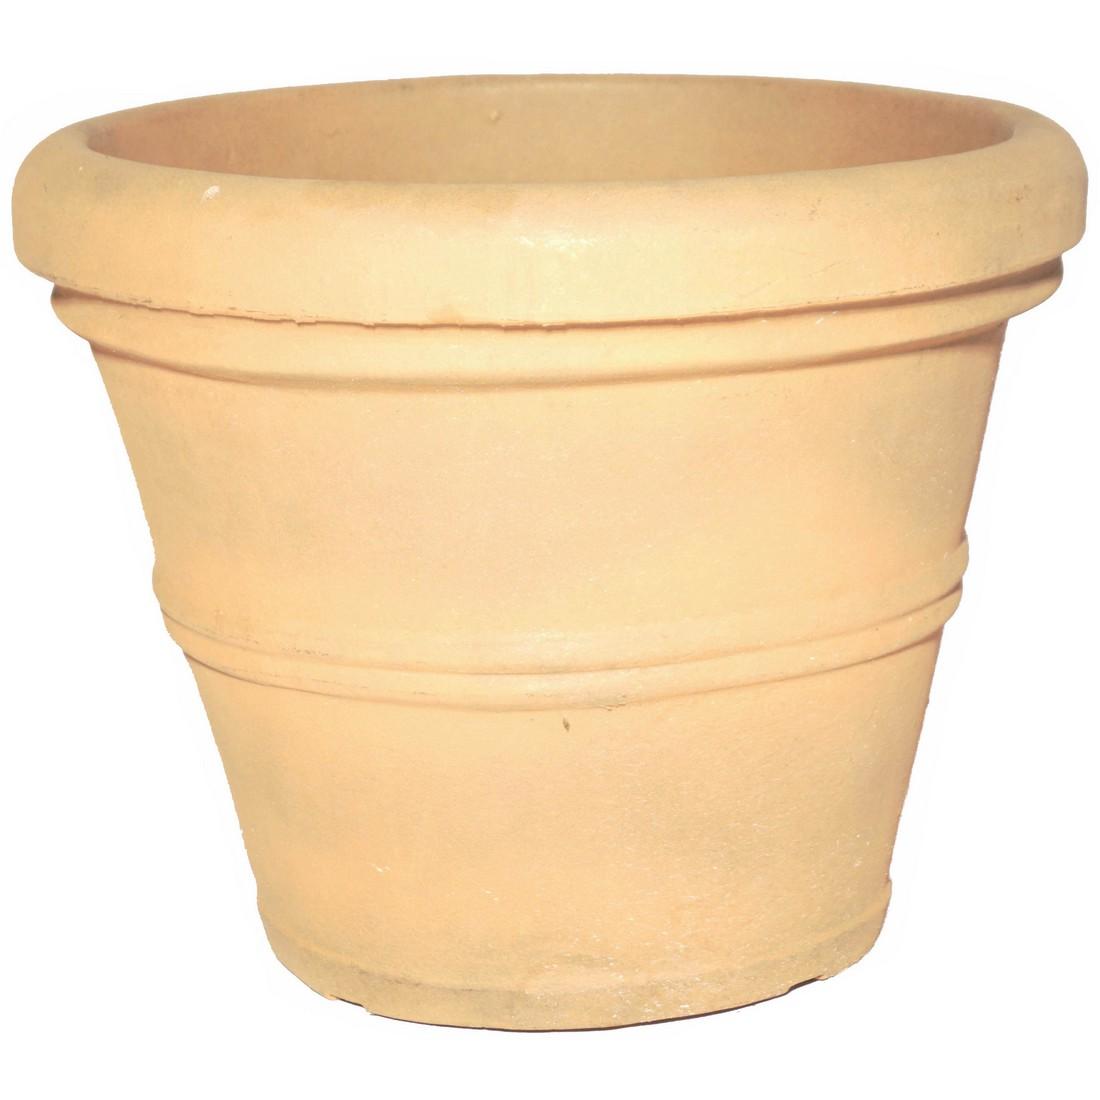 Pflanzkübel Rust – Kunststoff – Brunello – Höhe: 32 cm Ø: 41 cm (einzeln), Cresent Garden kaufen